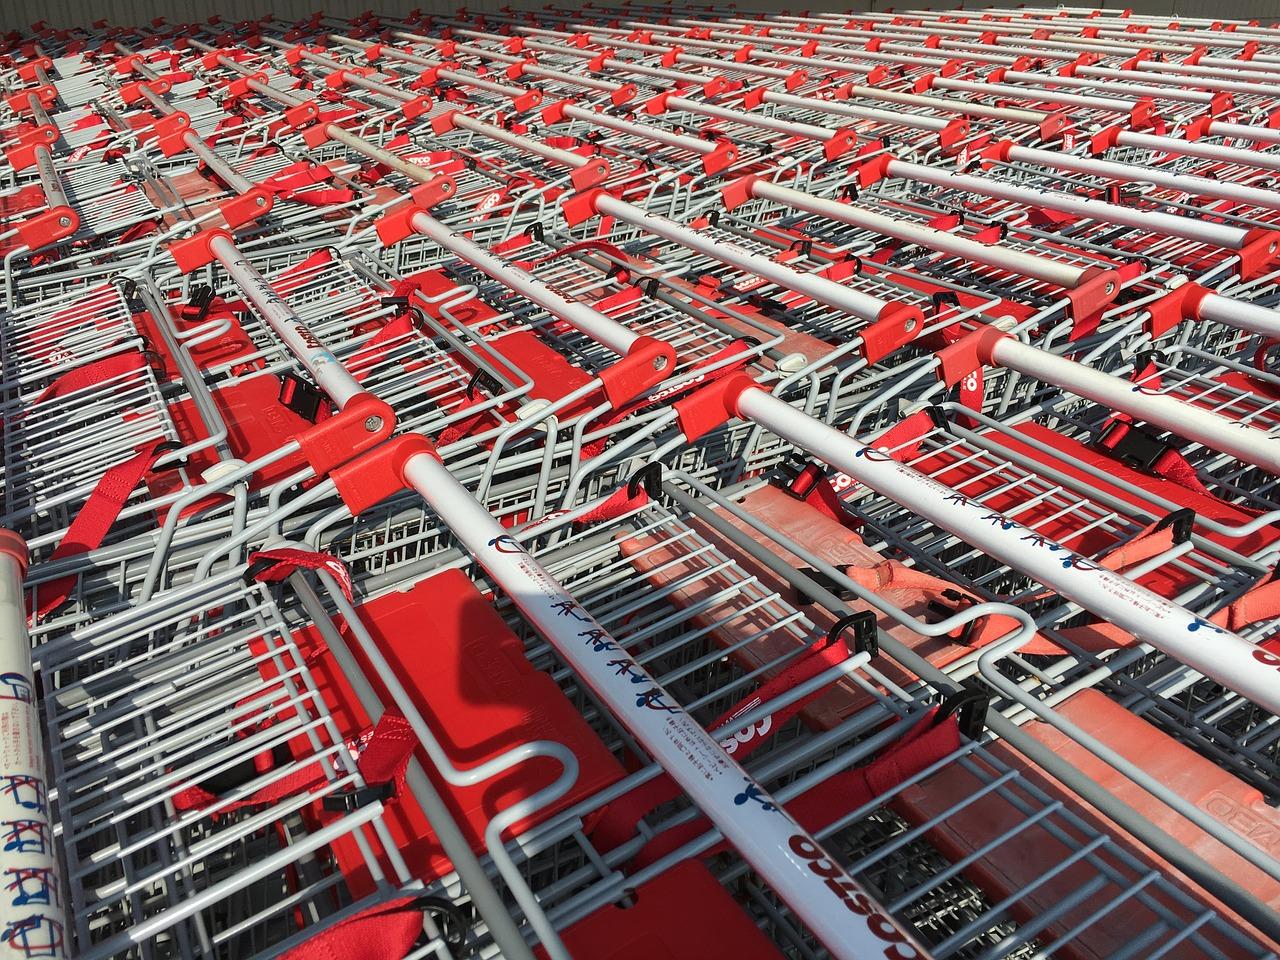 コストコで購入した商品は返品できる?知らなきゃ損する条件はコレ!